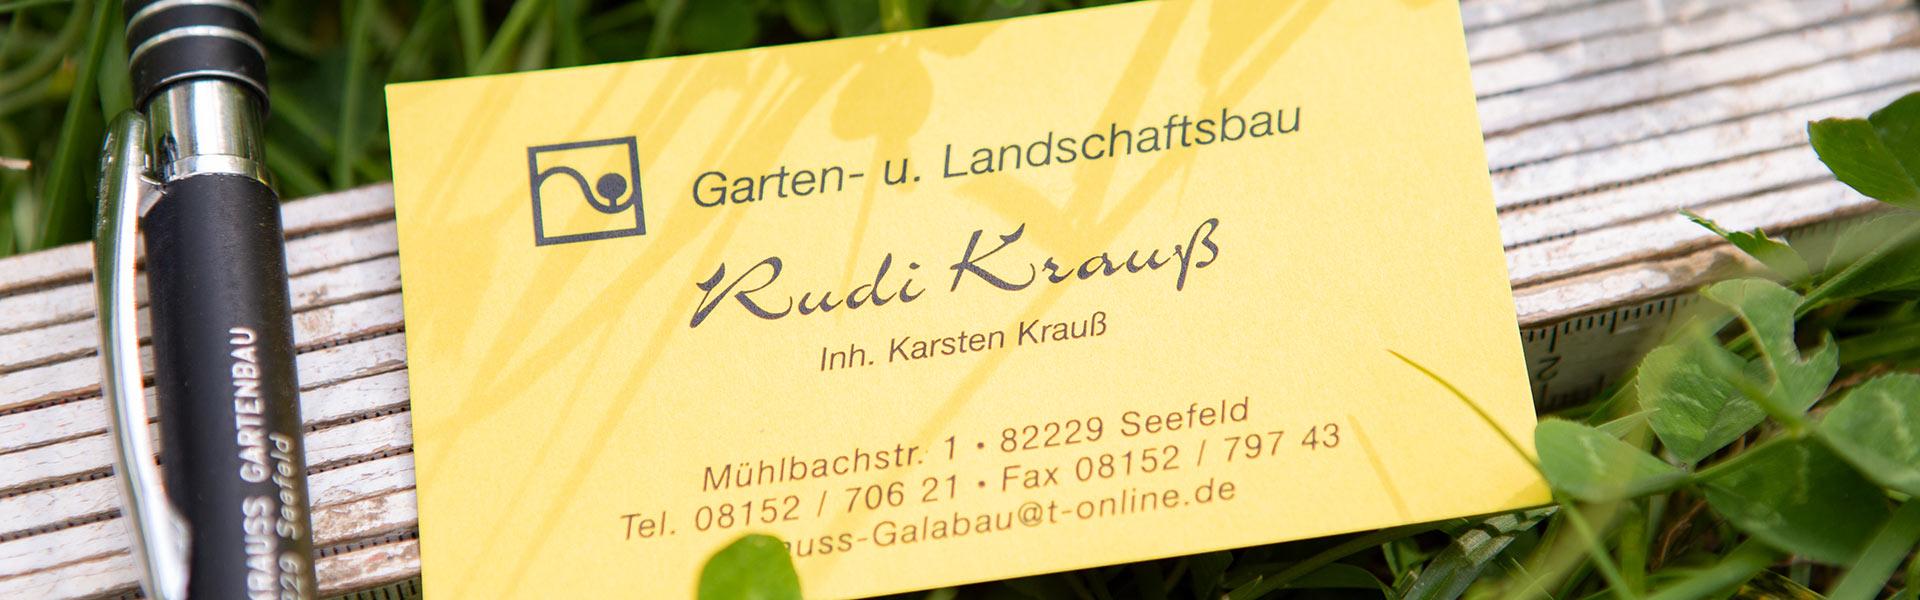 Kontakt zu Garten- und Landschaftsbau Krauß in Seefeld